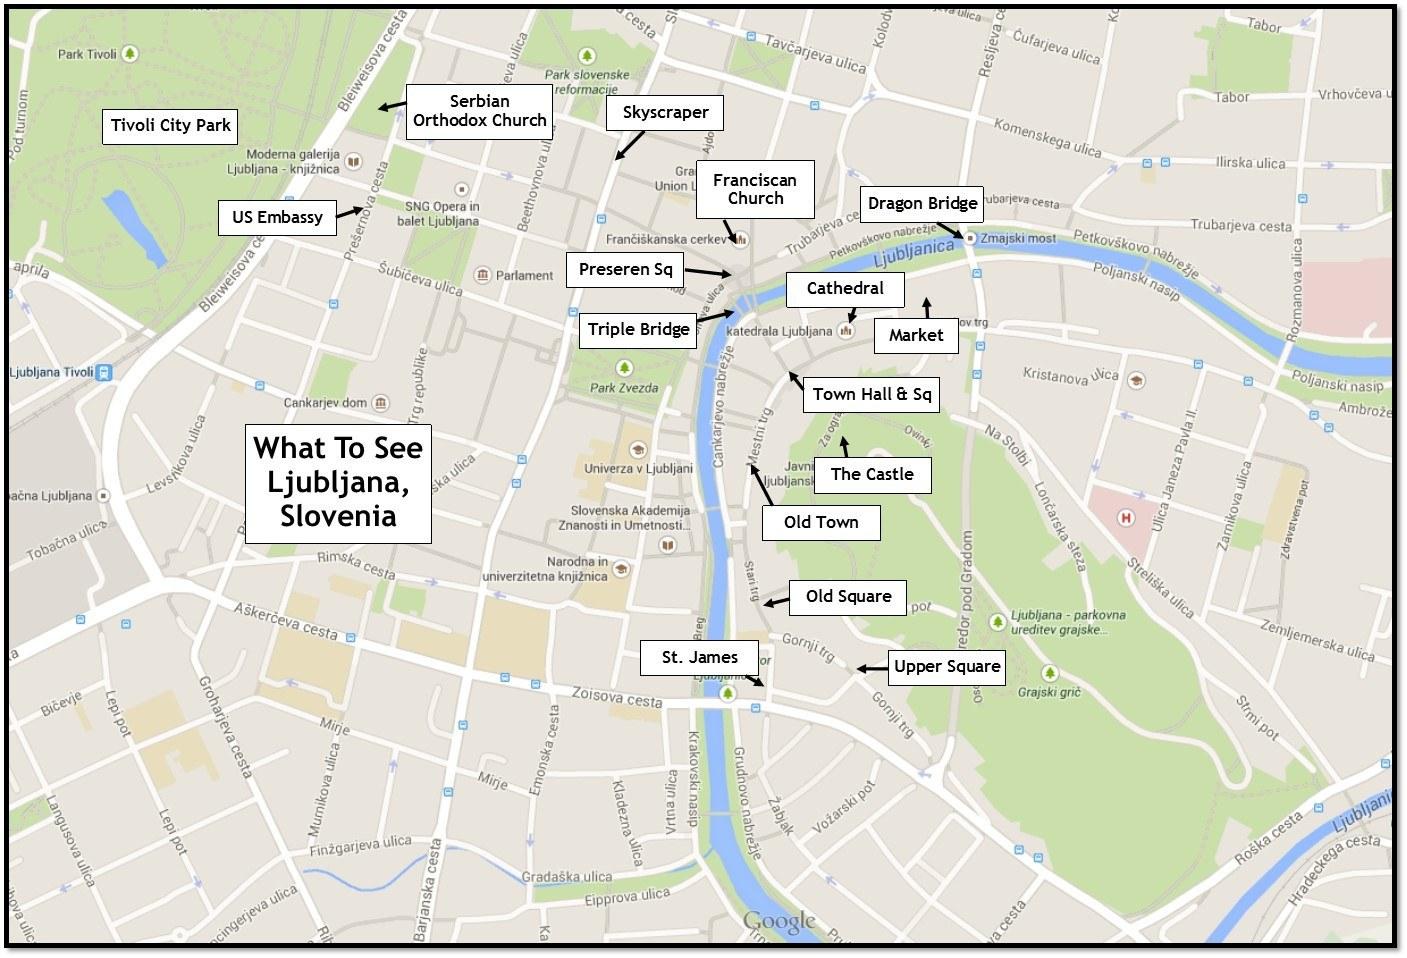 Map of Ljubljana Sights